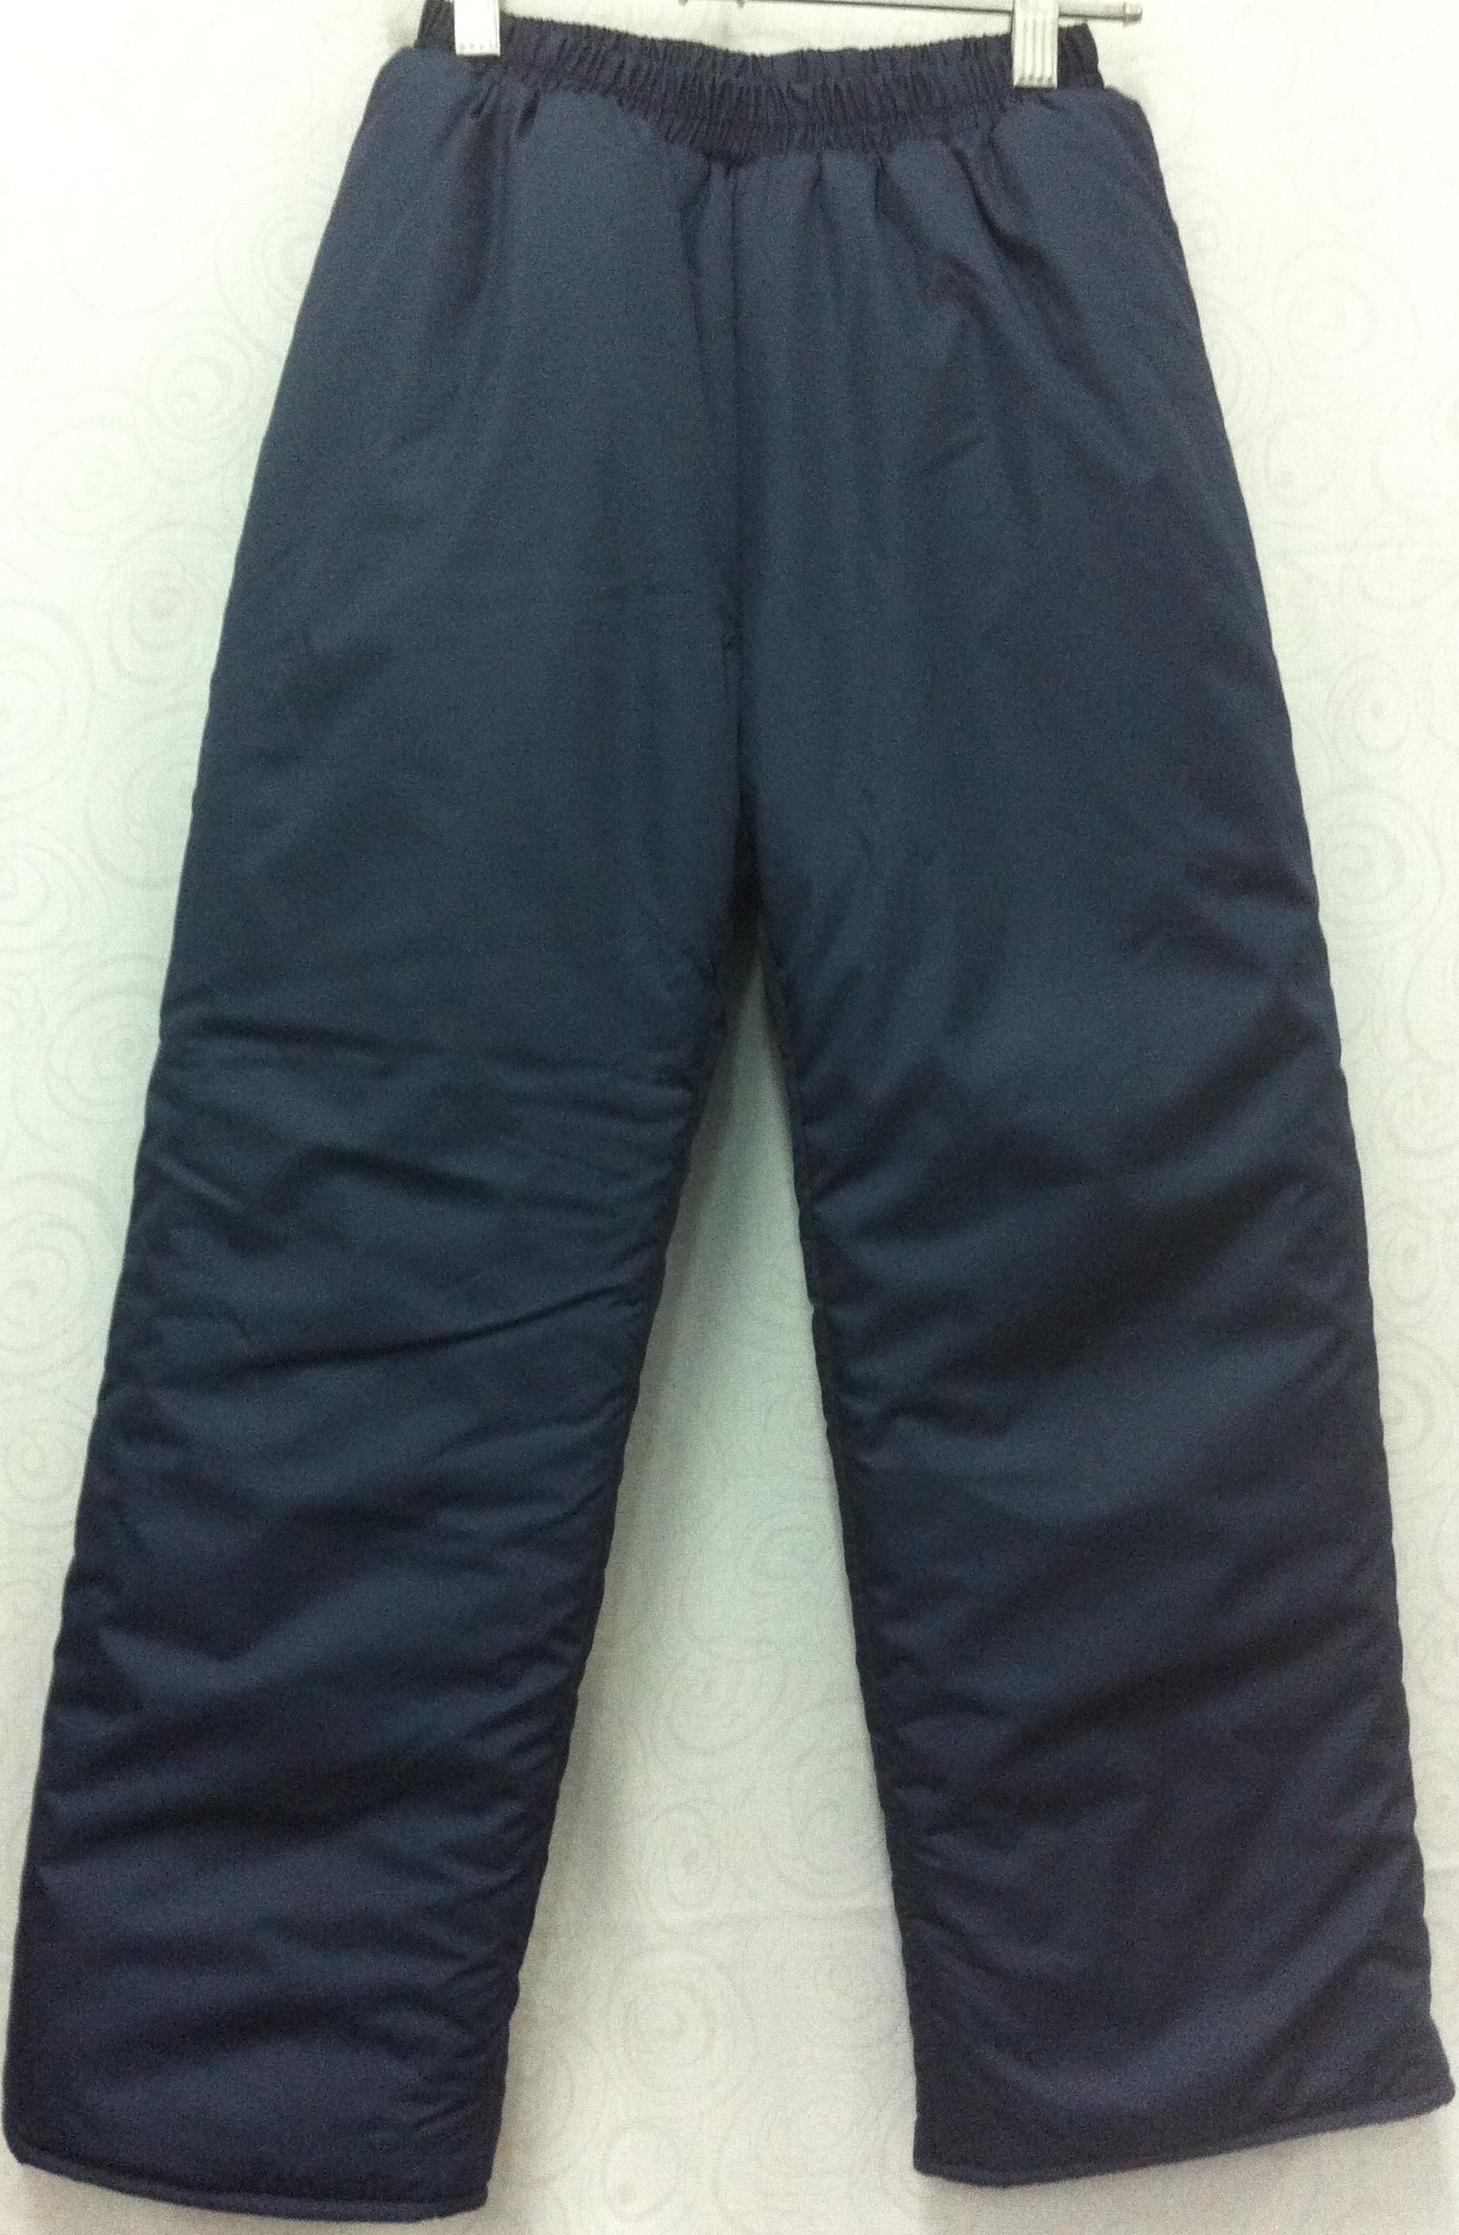 Куртки и брюки зимние женские доставка